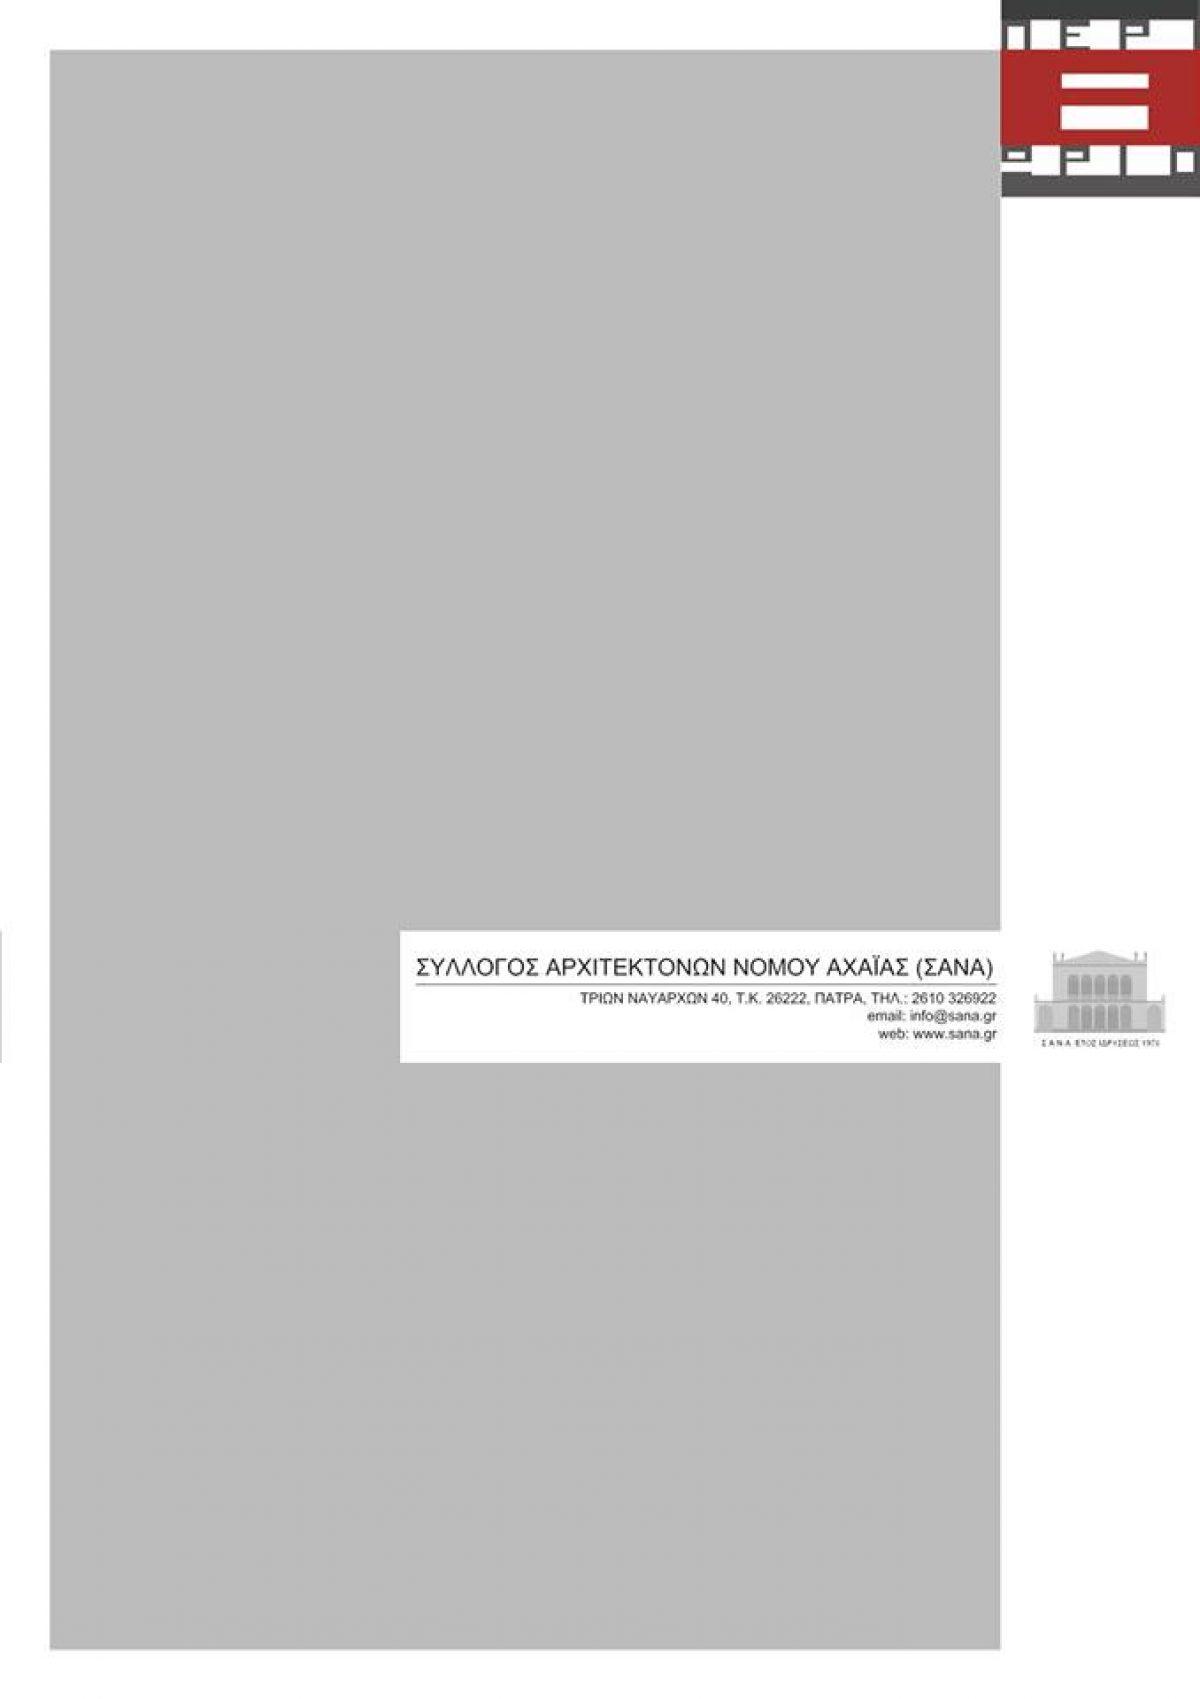 Παράταση υποβολής συμμετοχής στην 8η Πανελλήνια Έκθεση Αρχιτεκτονικού Έργου «Το Περιθώριο»